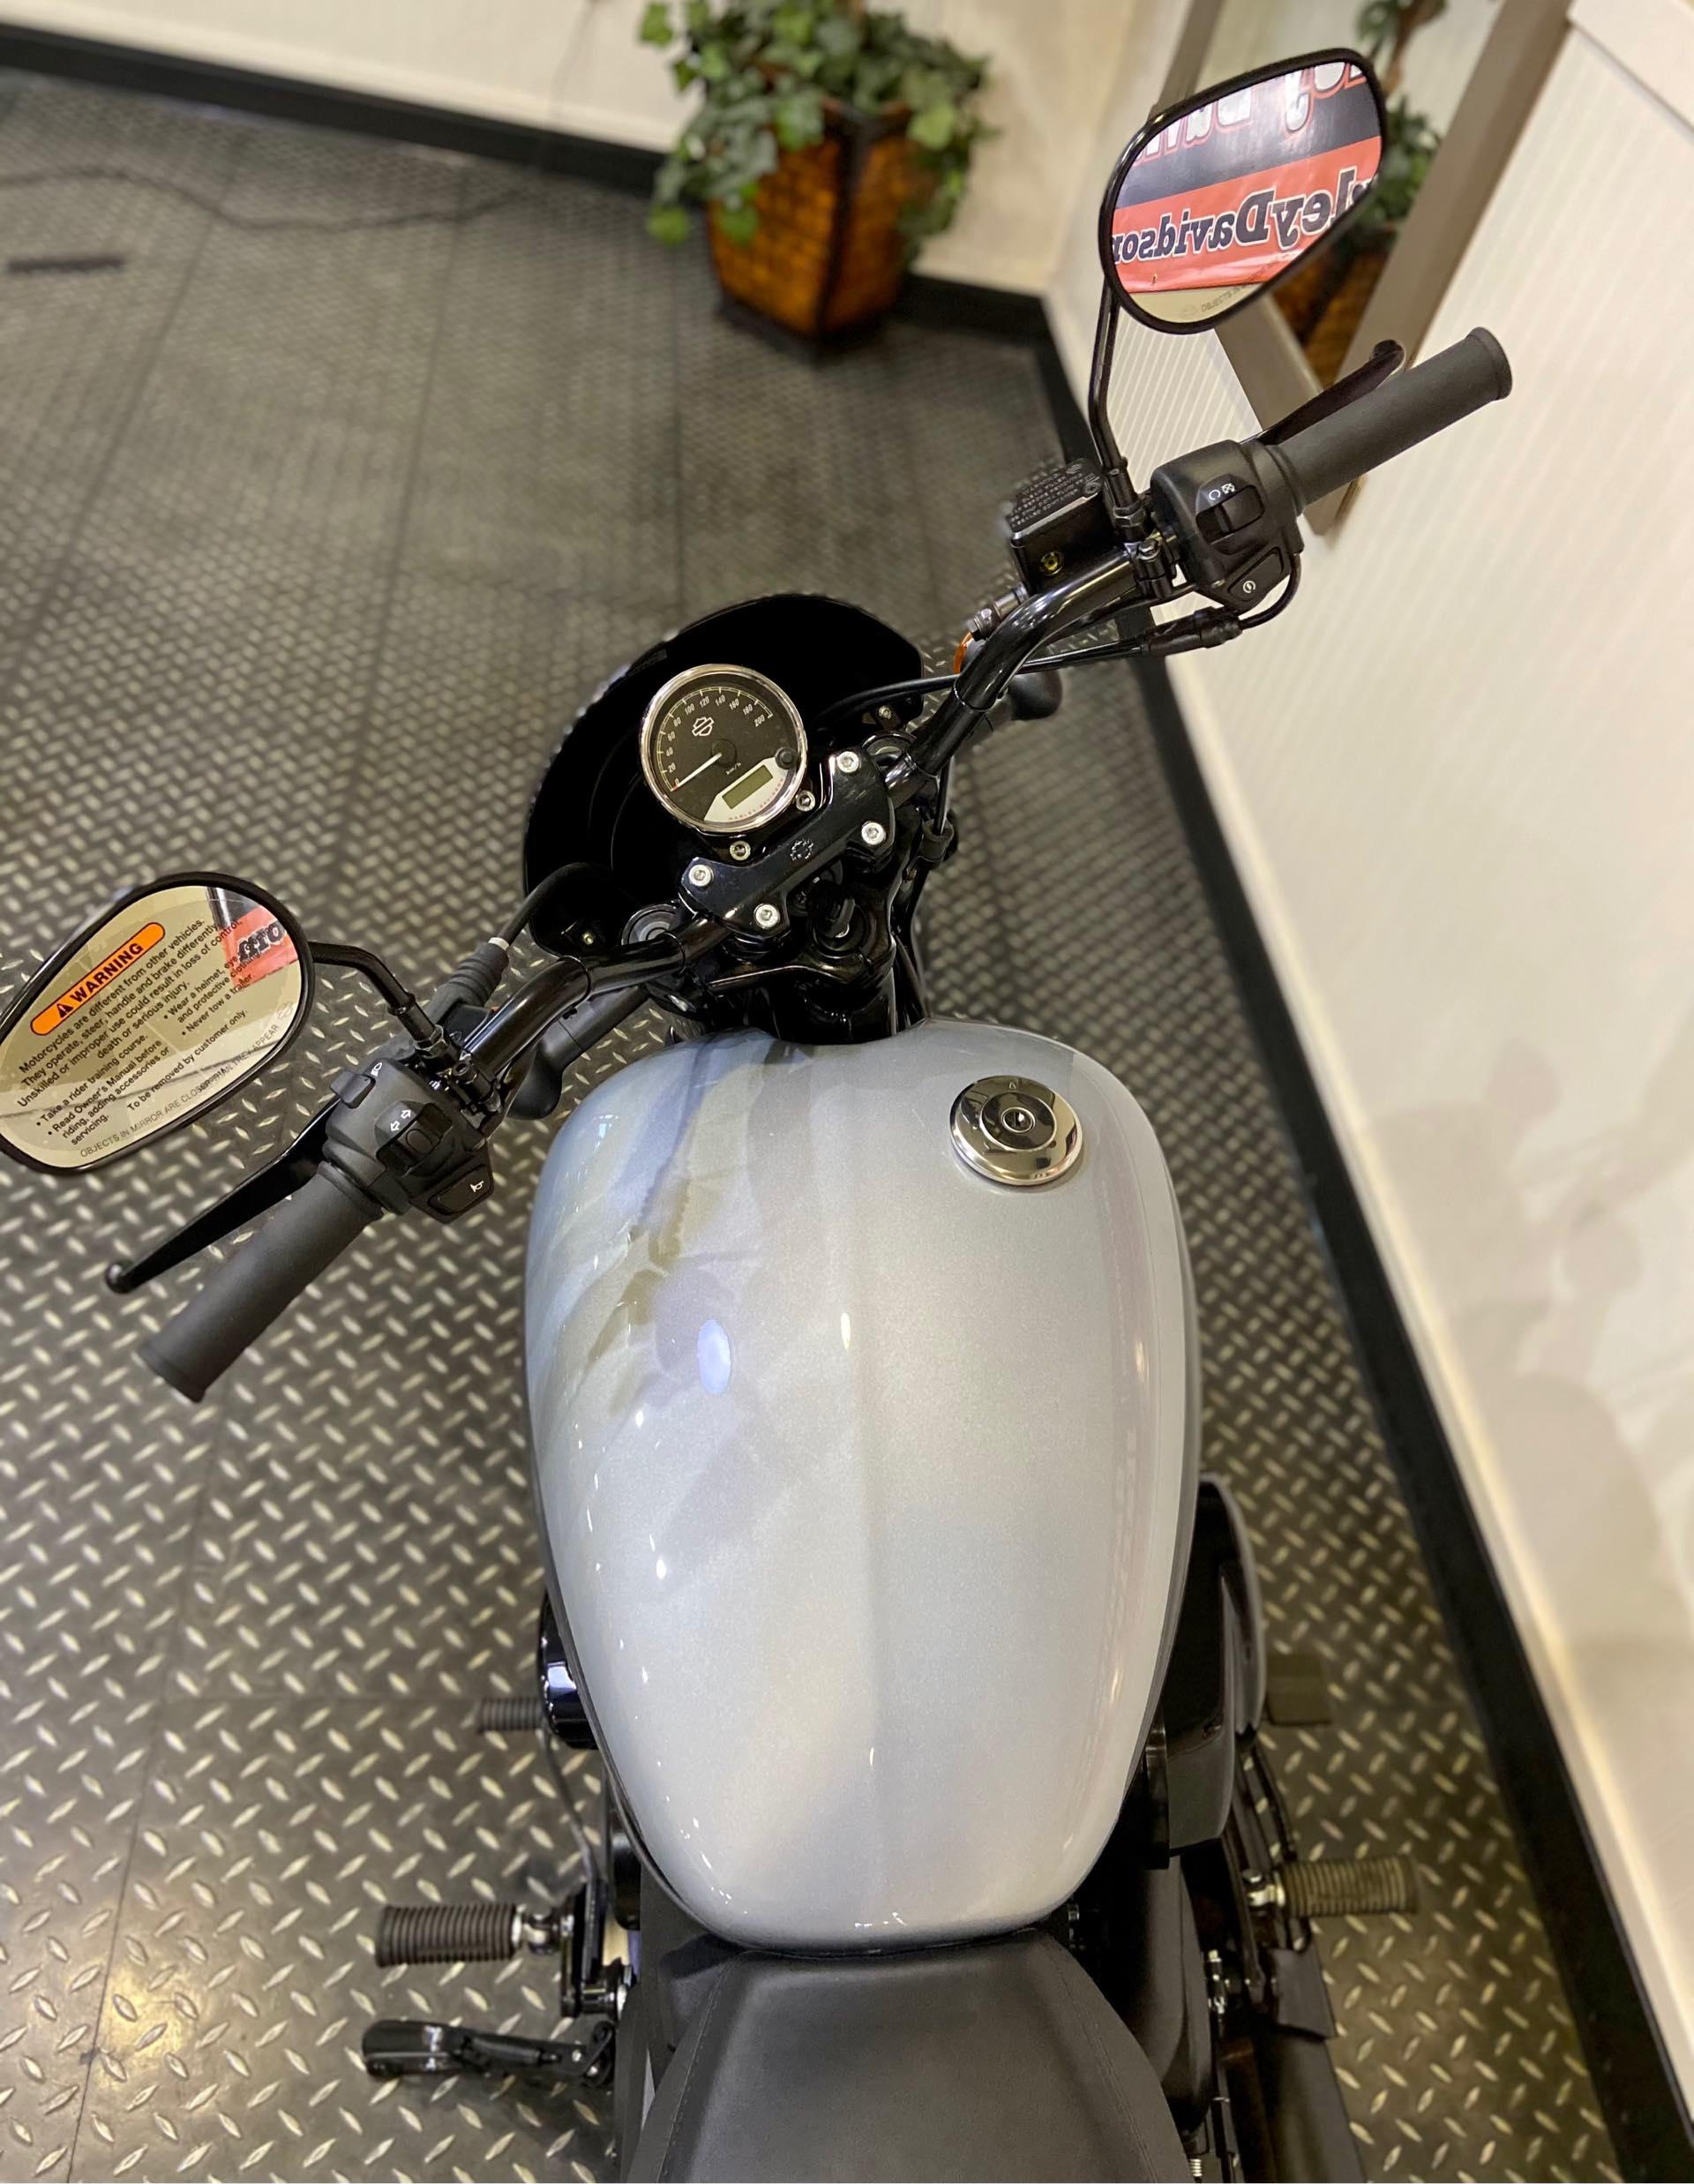 2020 Harley-Davidson Street Street 750 at Gasoline Alley Harley-Davidson (Red Deer)